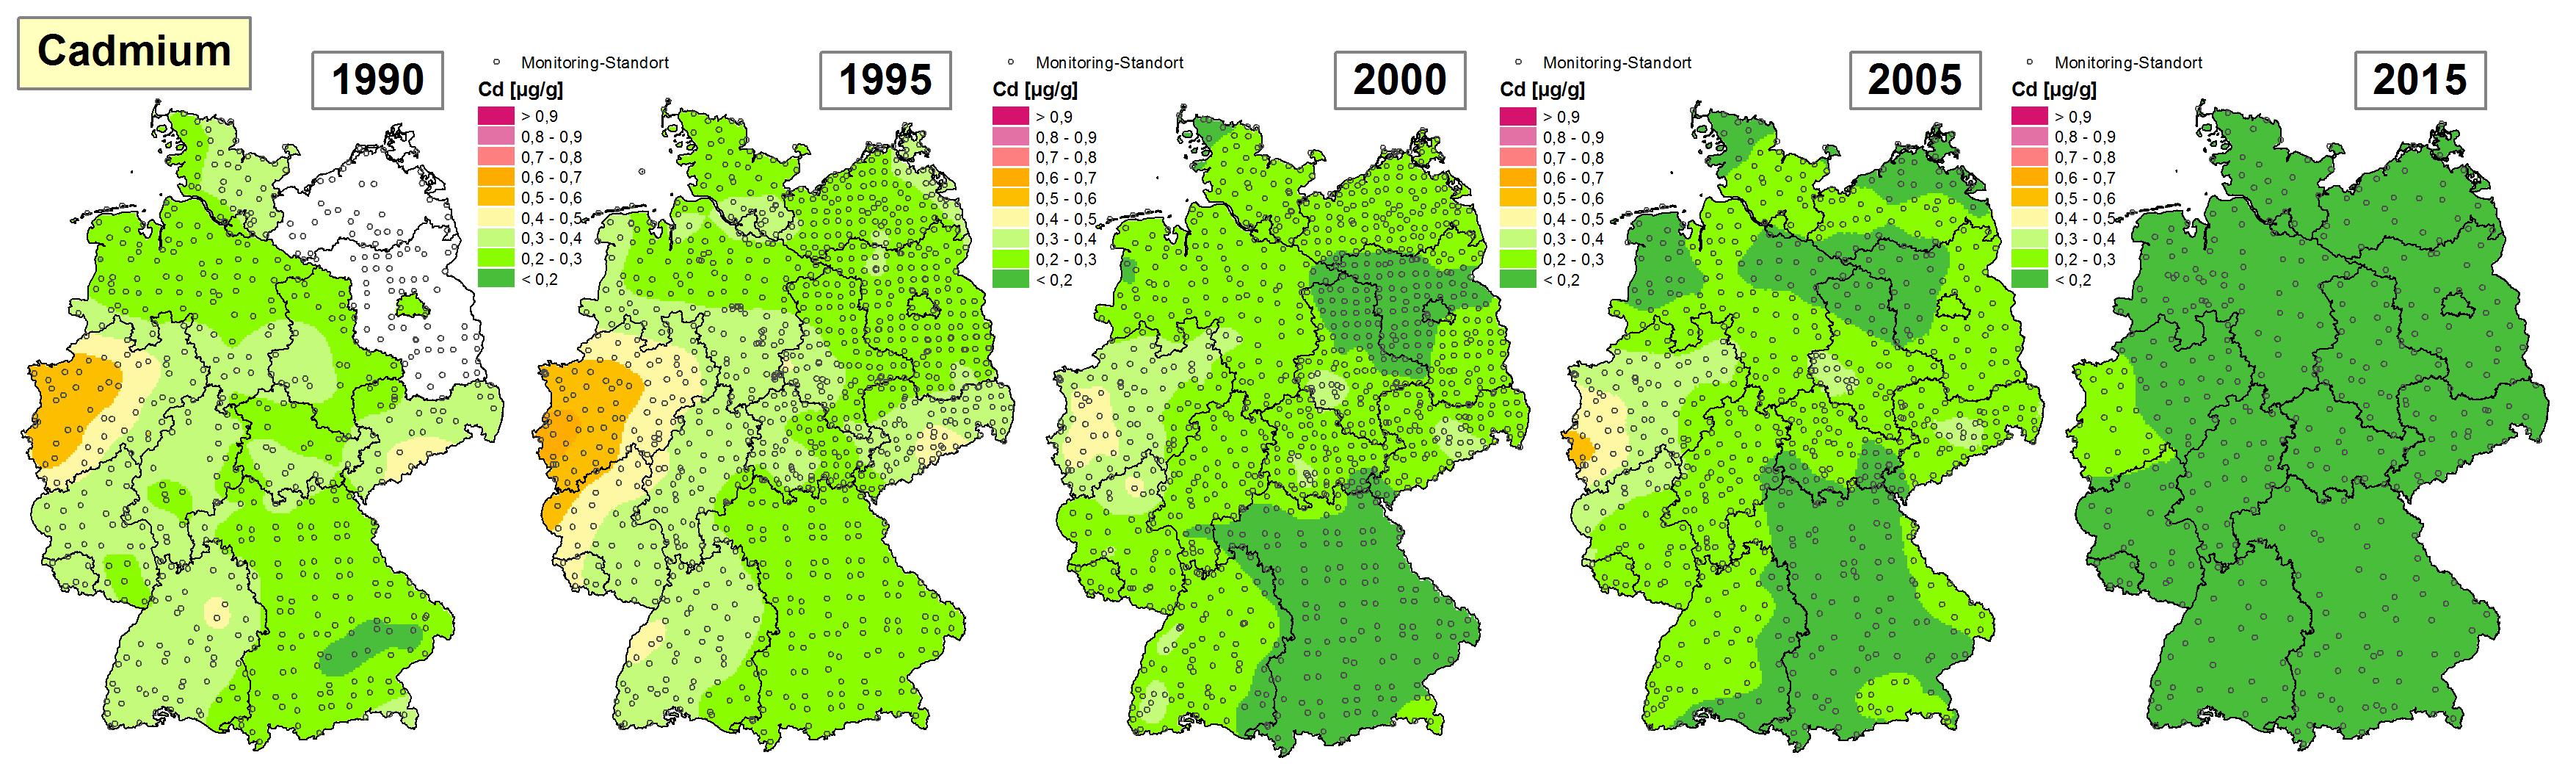 Die Grafik zeigt die Höhe der Bioakkumulation von Cadmium und Entwicklung dieser Konzentration von 1990 bis 2015/16 in Deutschland.